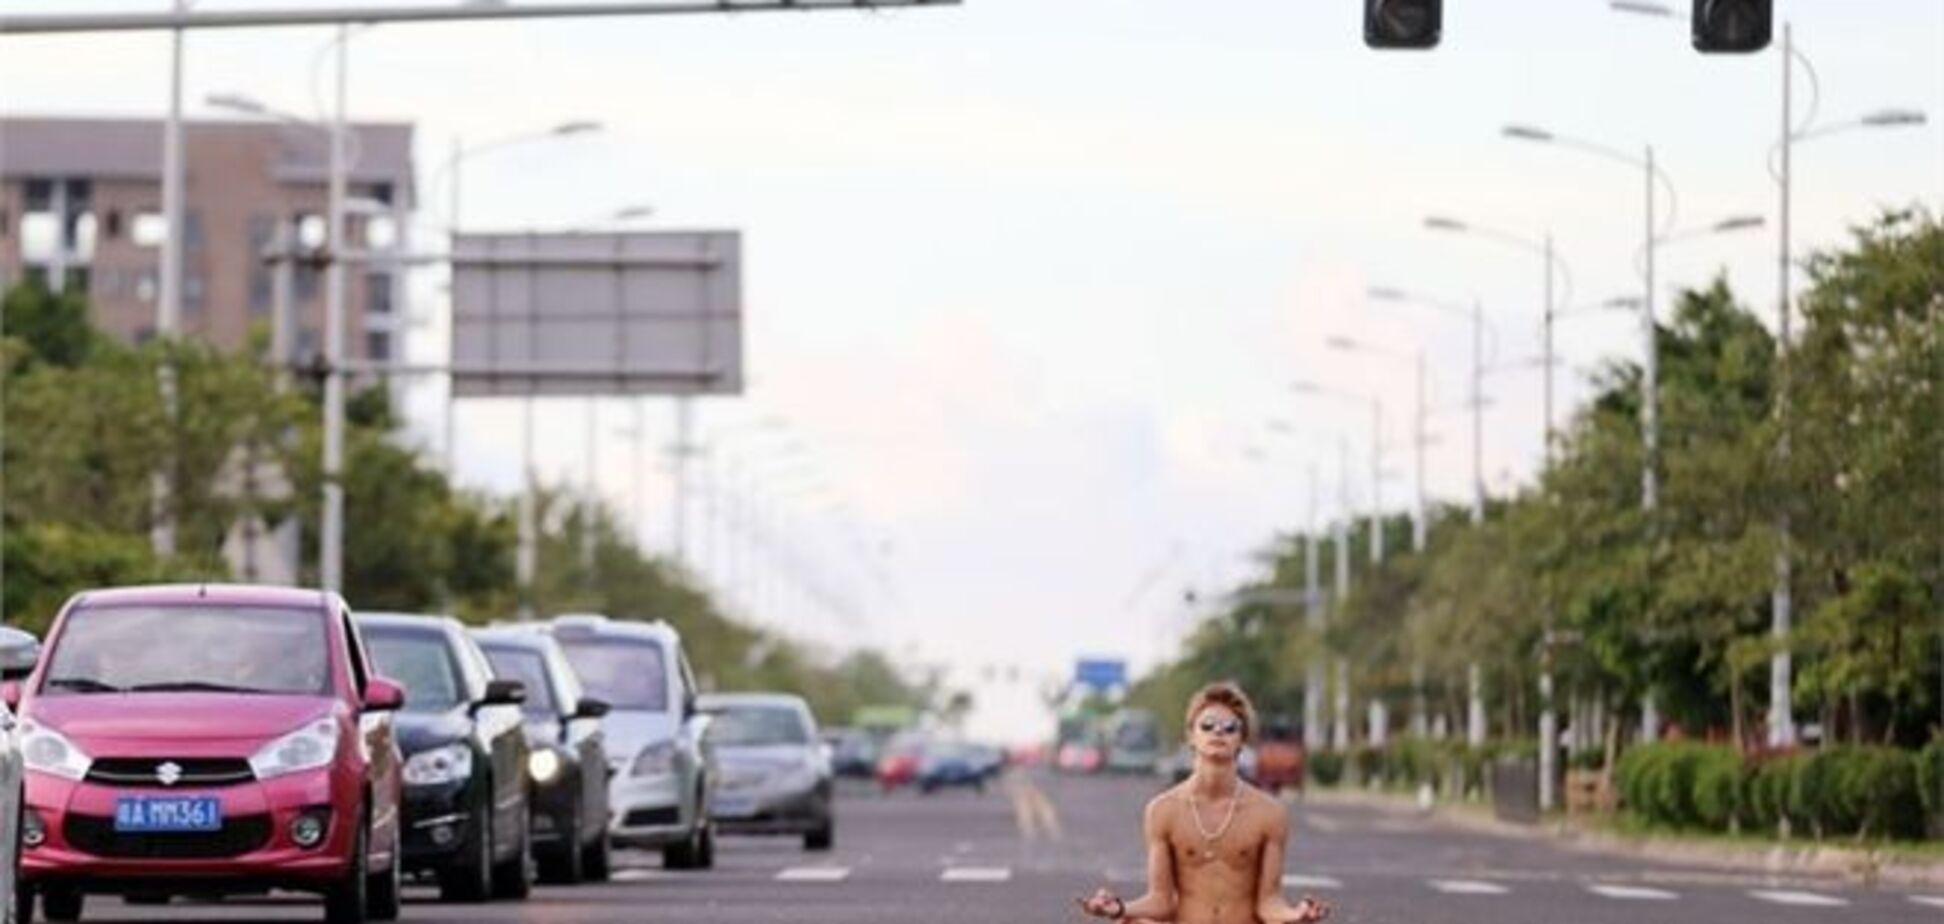 Російський студент шокував китайців 'голої медитацією' на дорозі